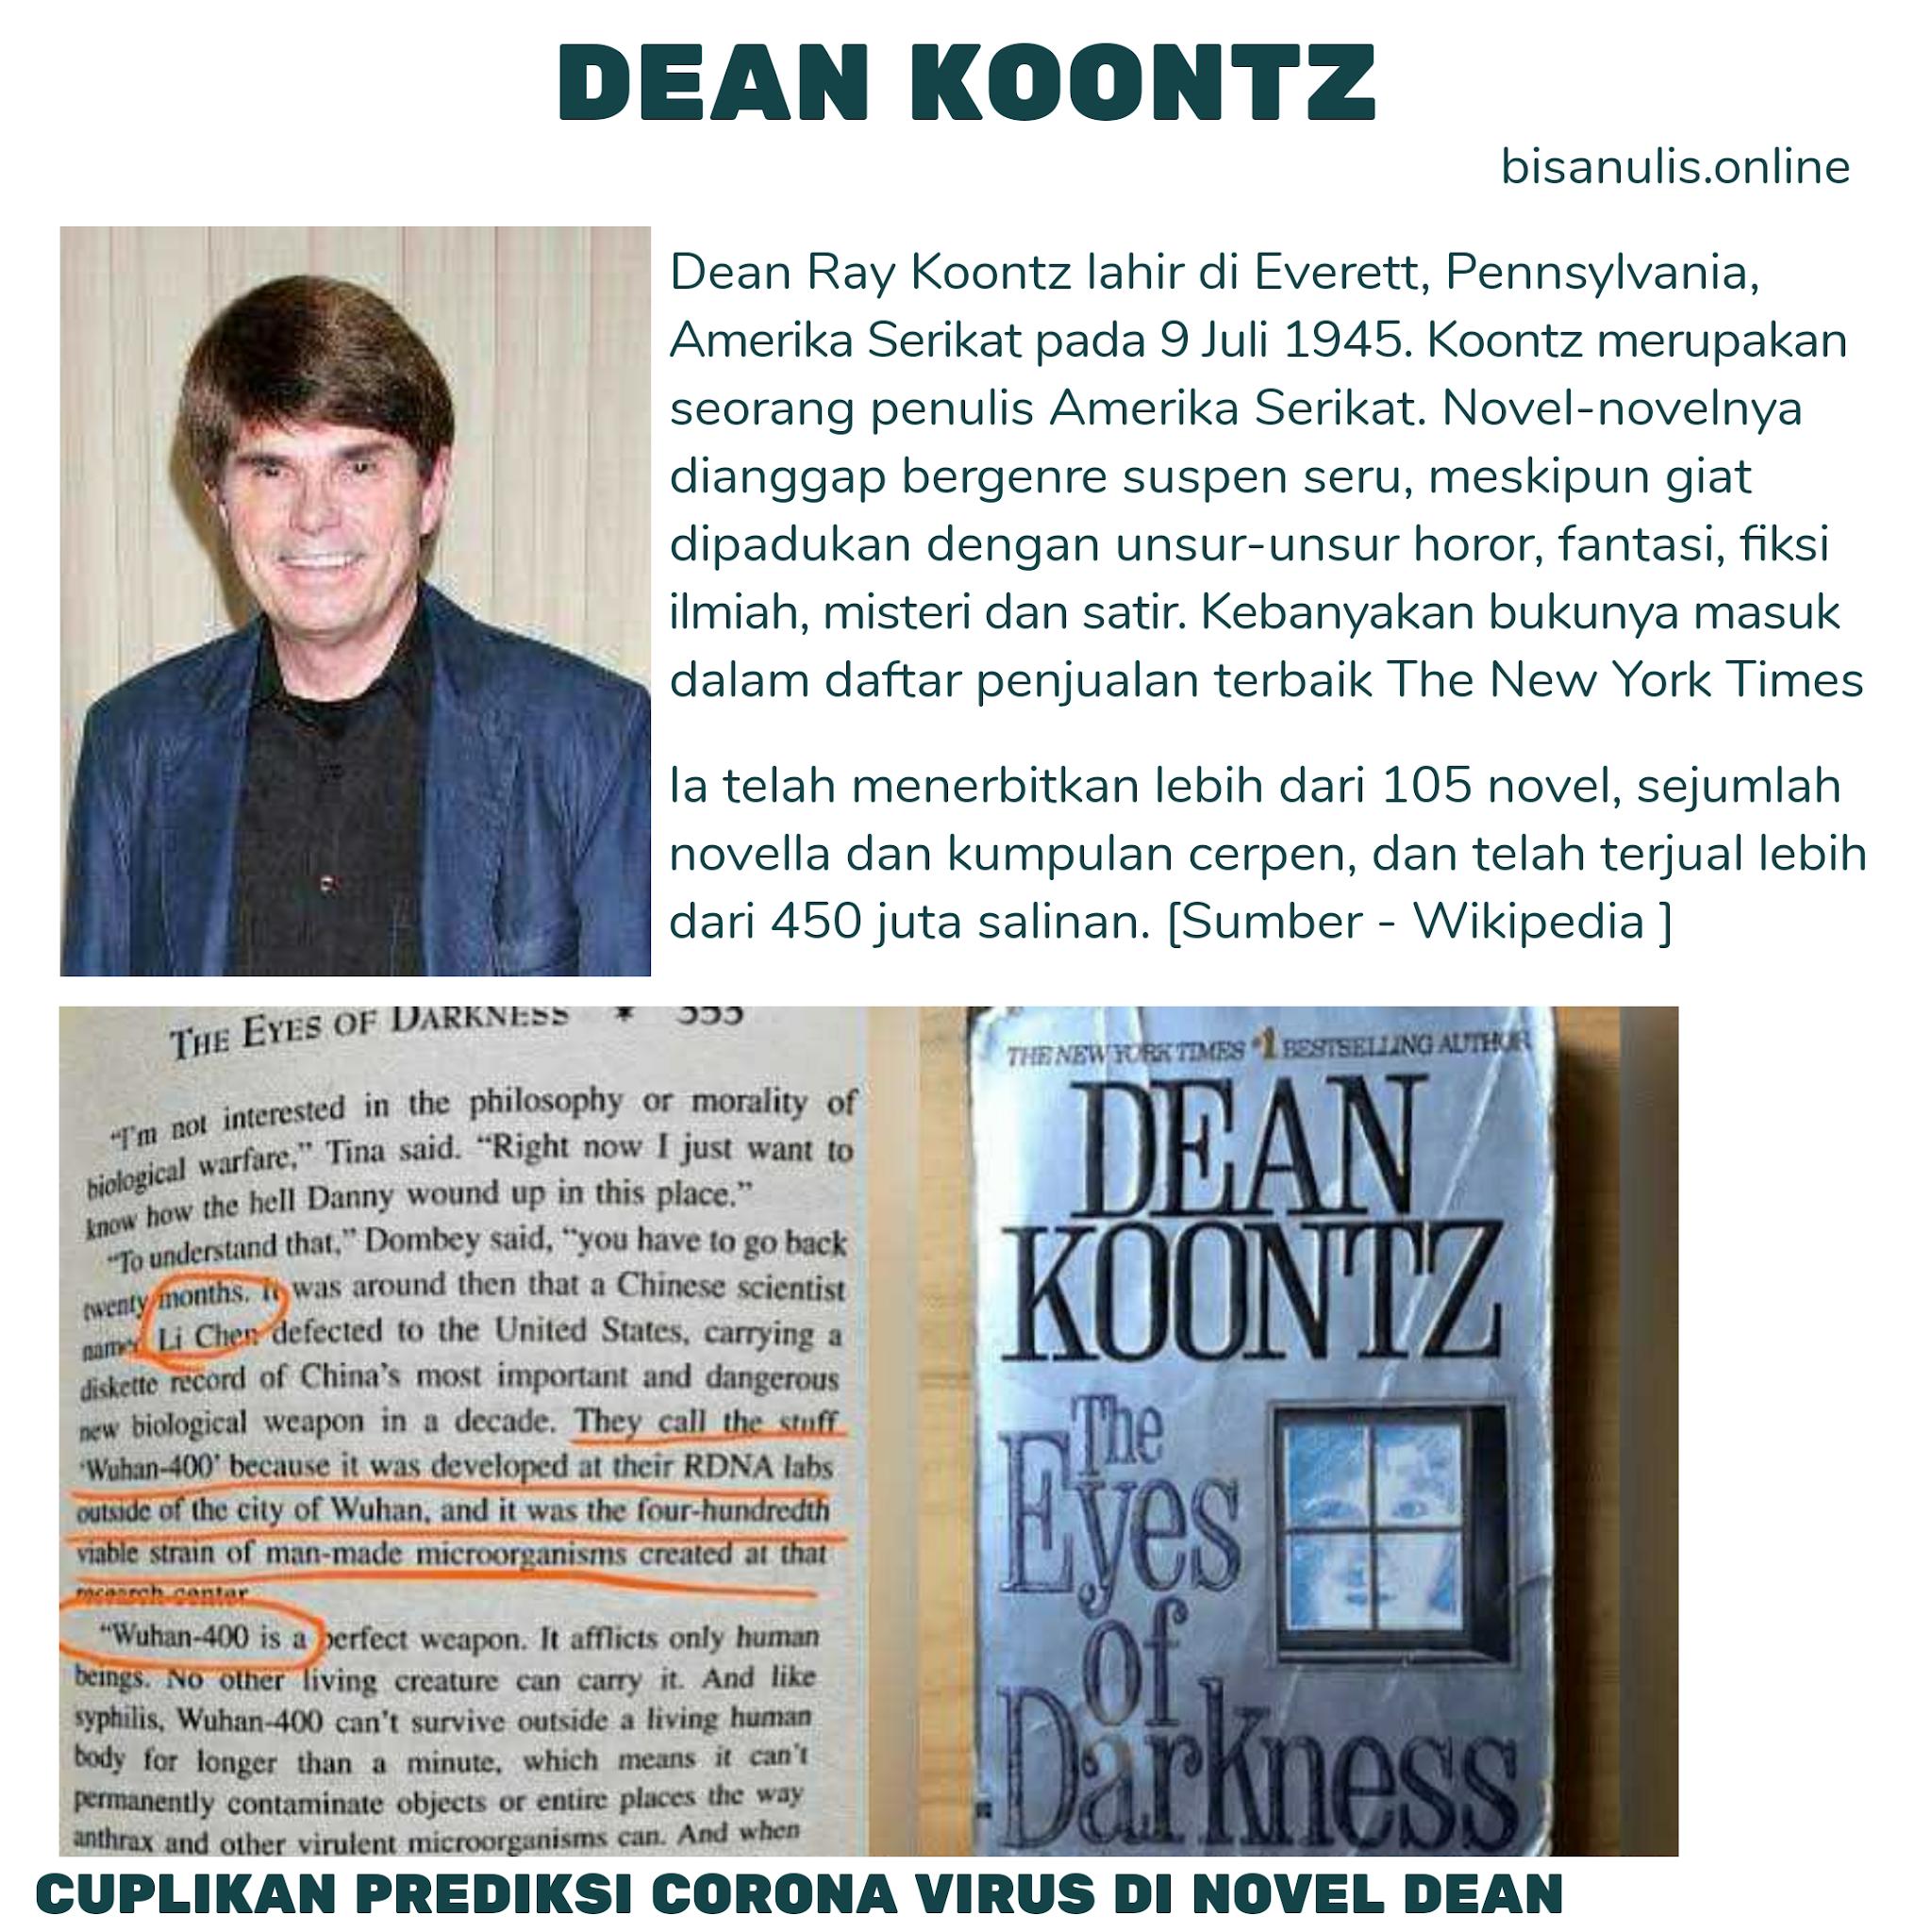 Dialog Tag menurut Dean Koontz